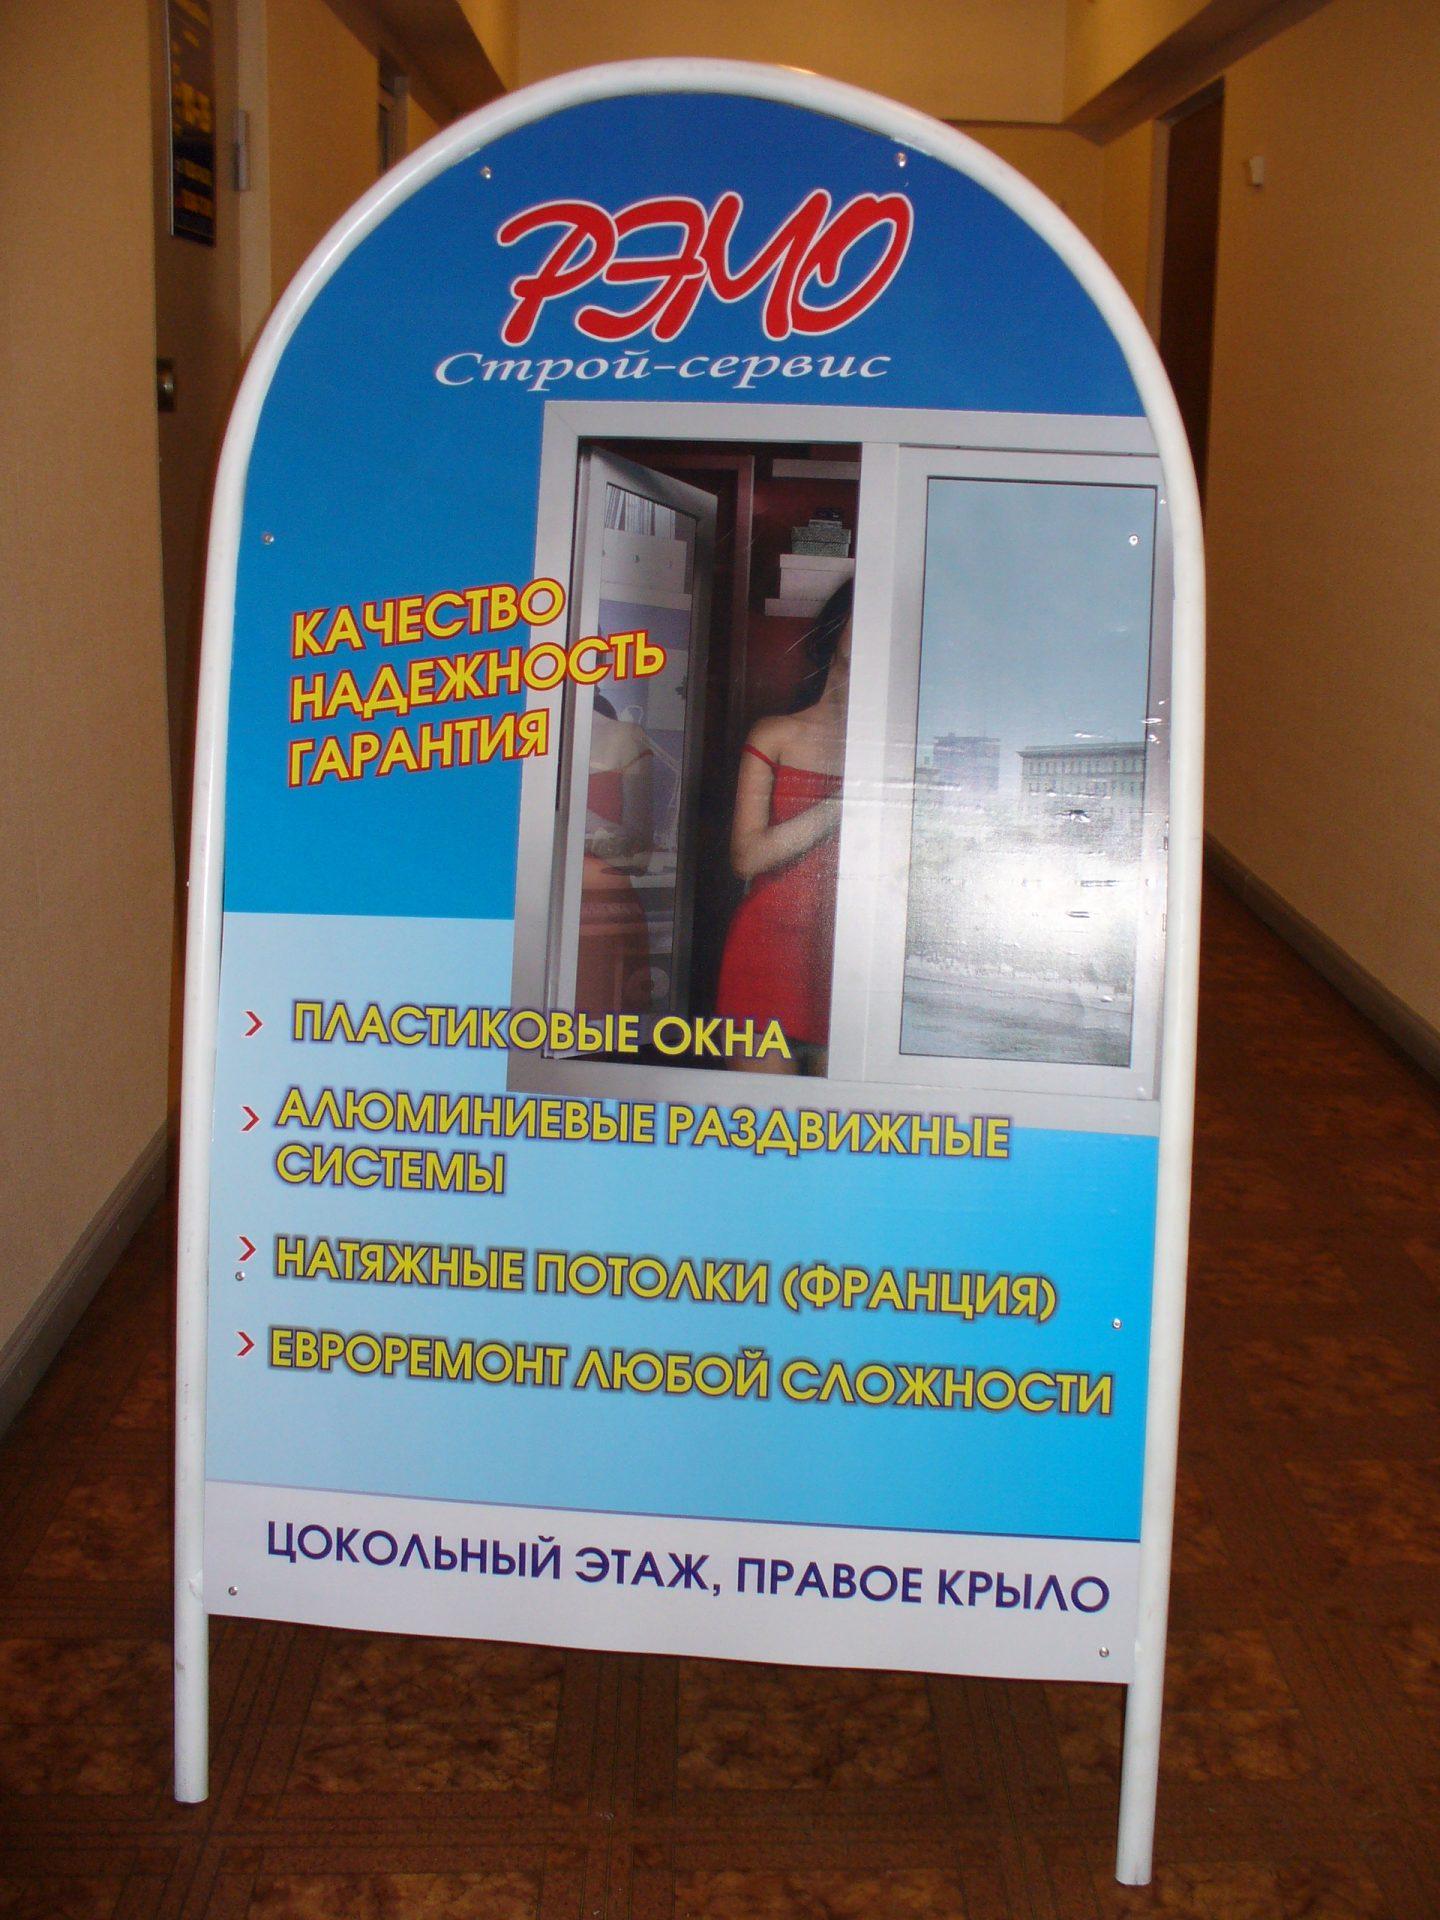 РЭМО Строй-сервис